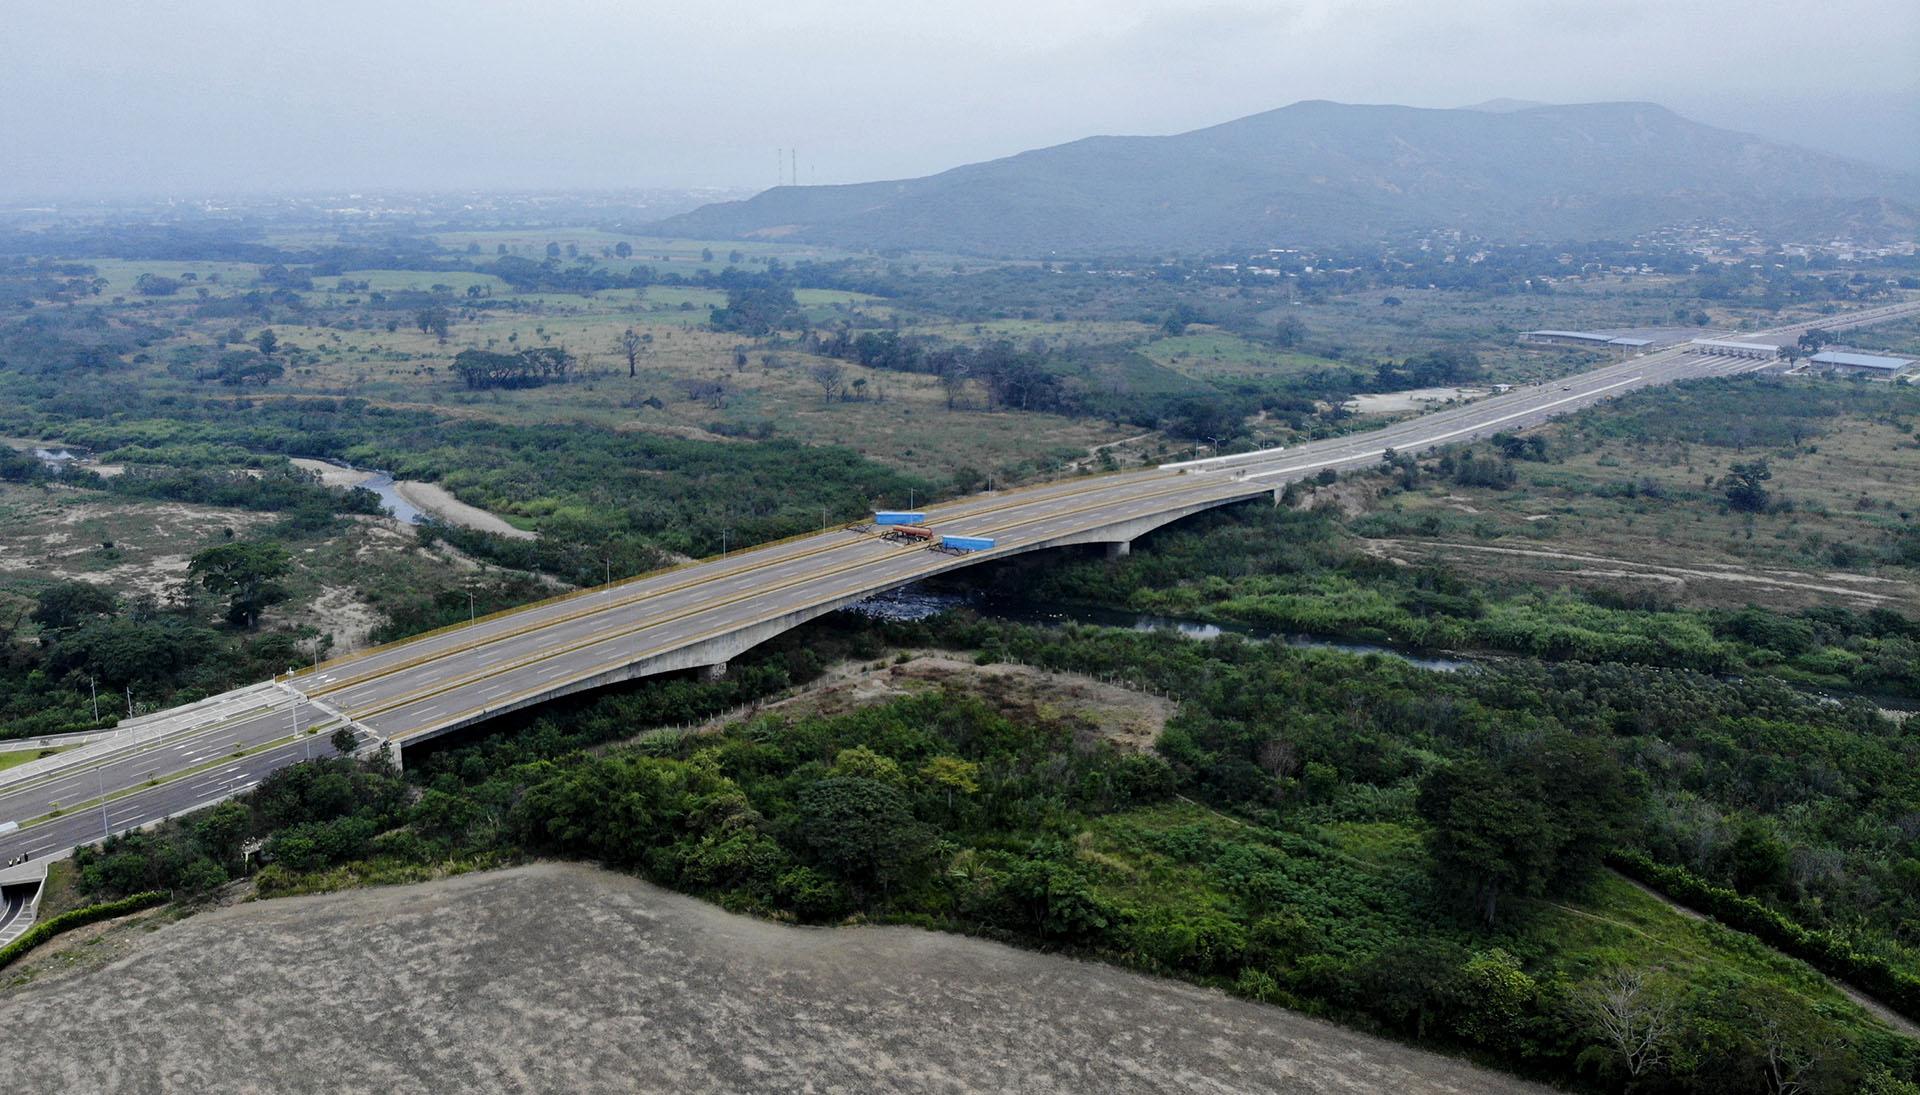 El puente de Tienditas aún no ha sido inaugurado. Iba a estrenarse en 2016, pero el cierre temporal de la frontera común de 2.200 kilómetros -ordenado por el gobierno de Maduro a finales de 2015 y levantado meses después- retrasó su apertura. Por ello, no hay tránsito peatonal ni vehicular en la zona